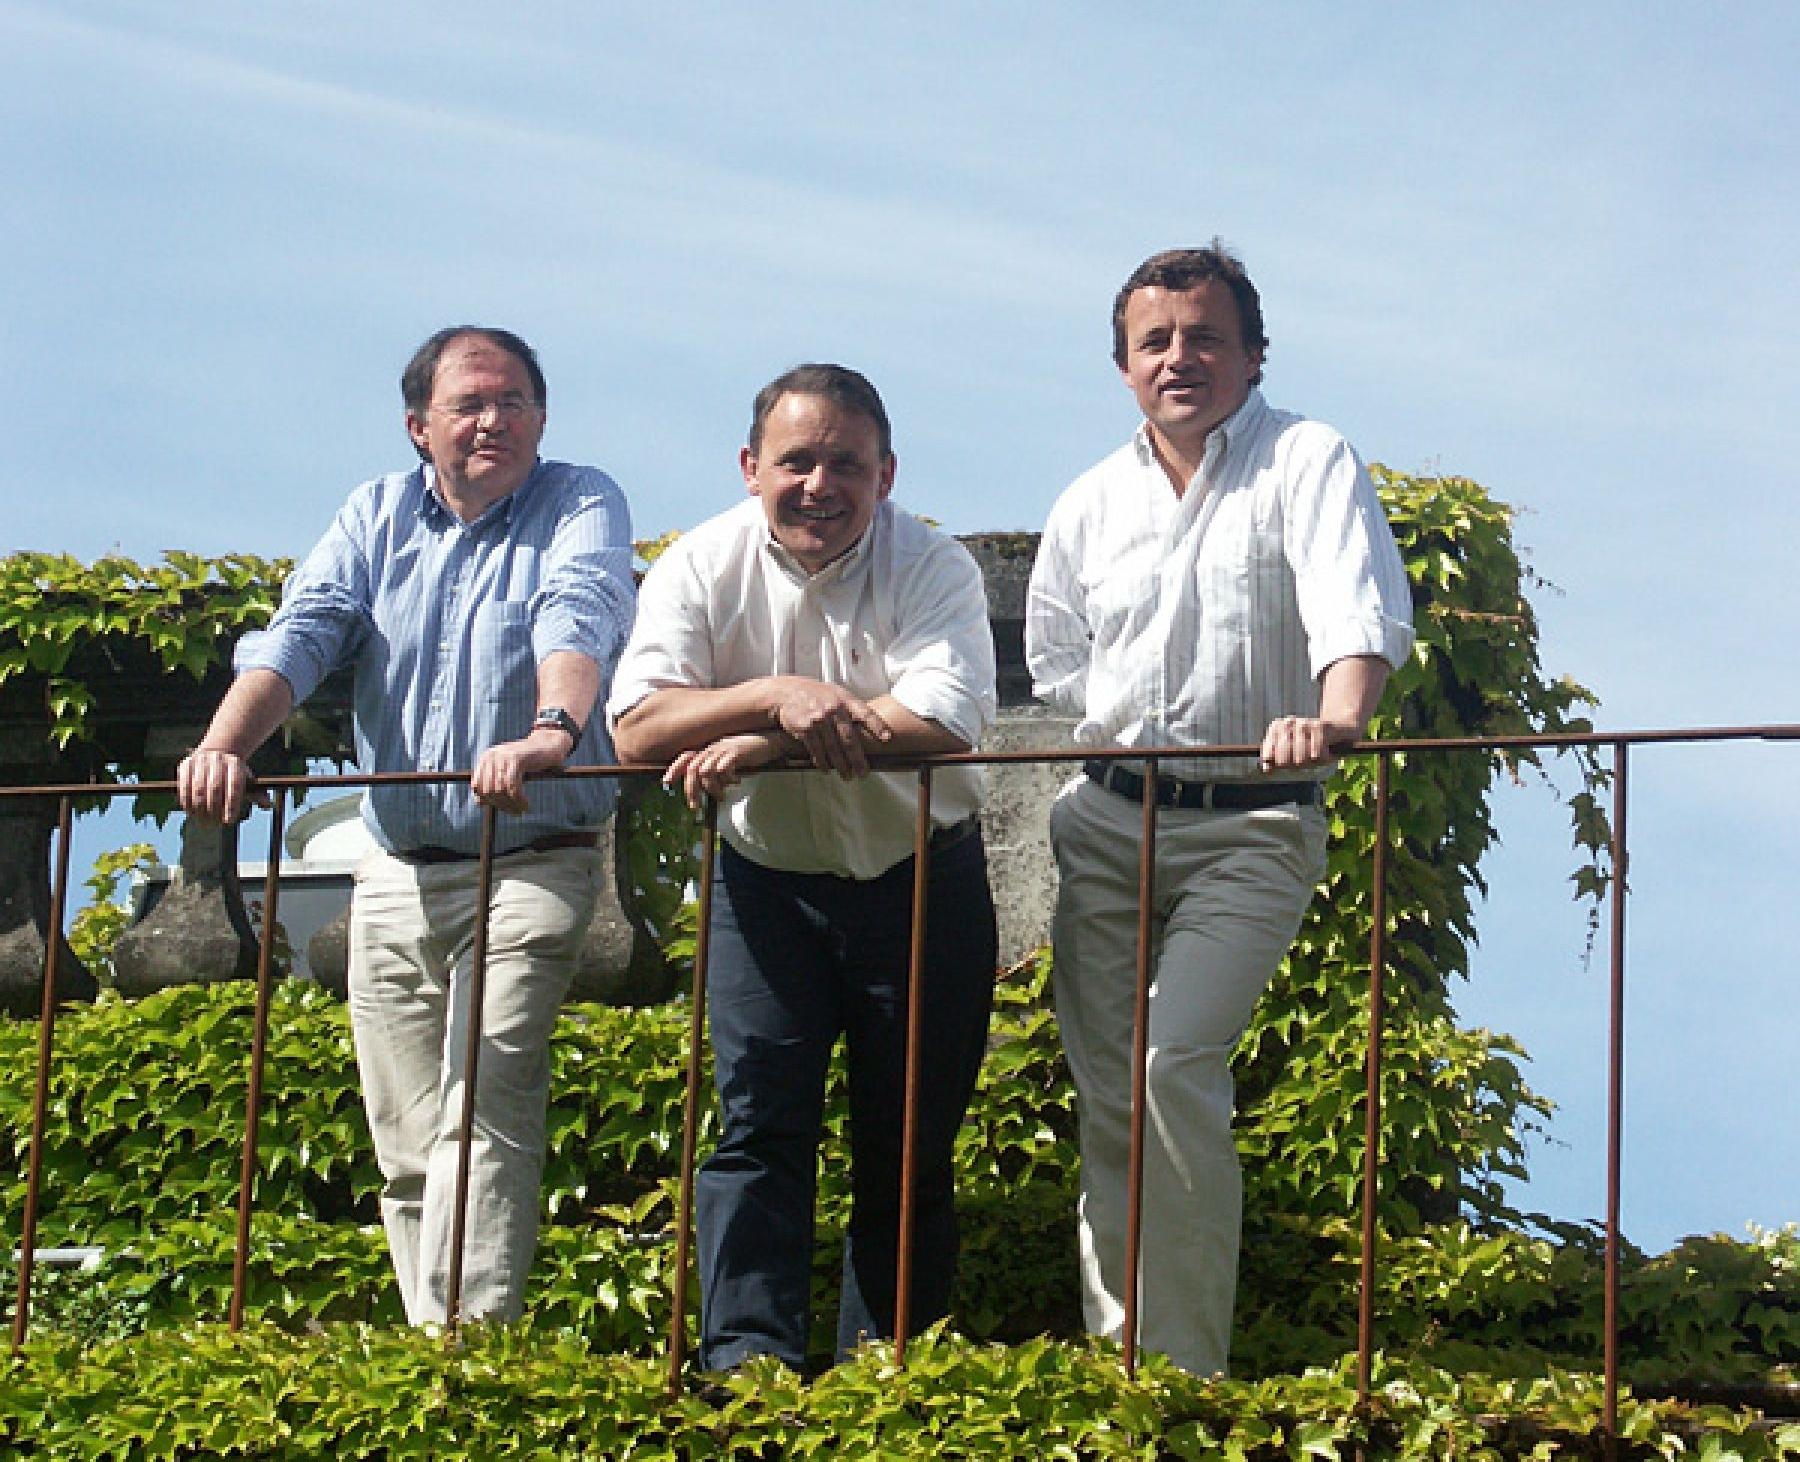 Ch teau fayau le jardin de louisa 2012 terre de vins for Jardin des vins 2016 sion